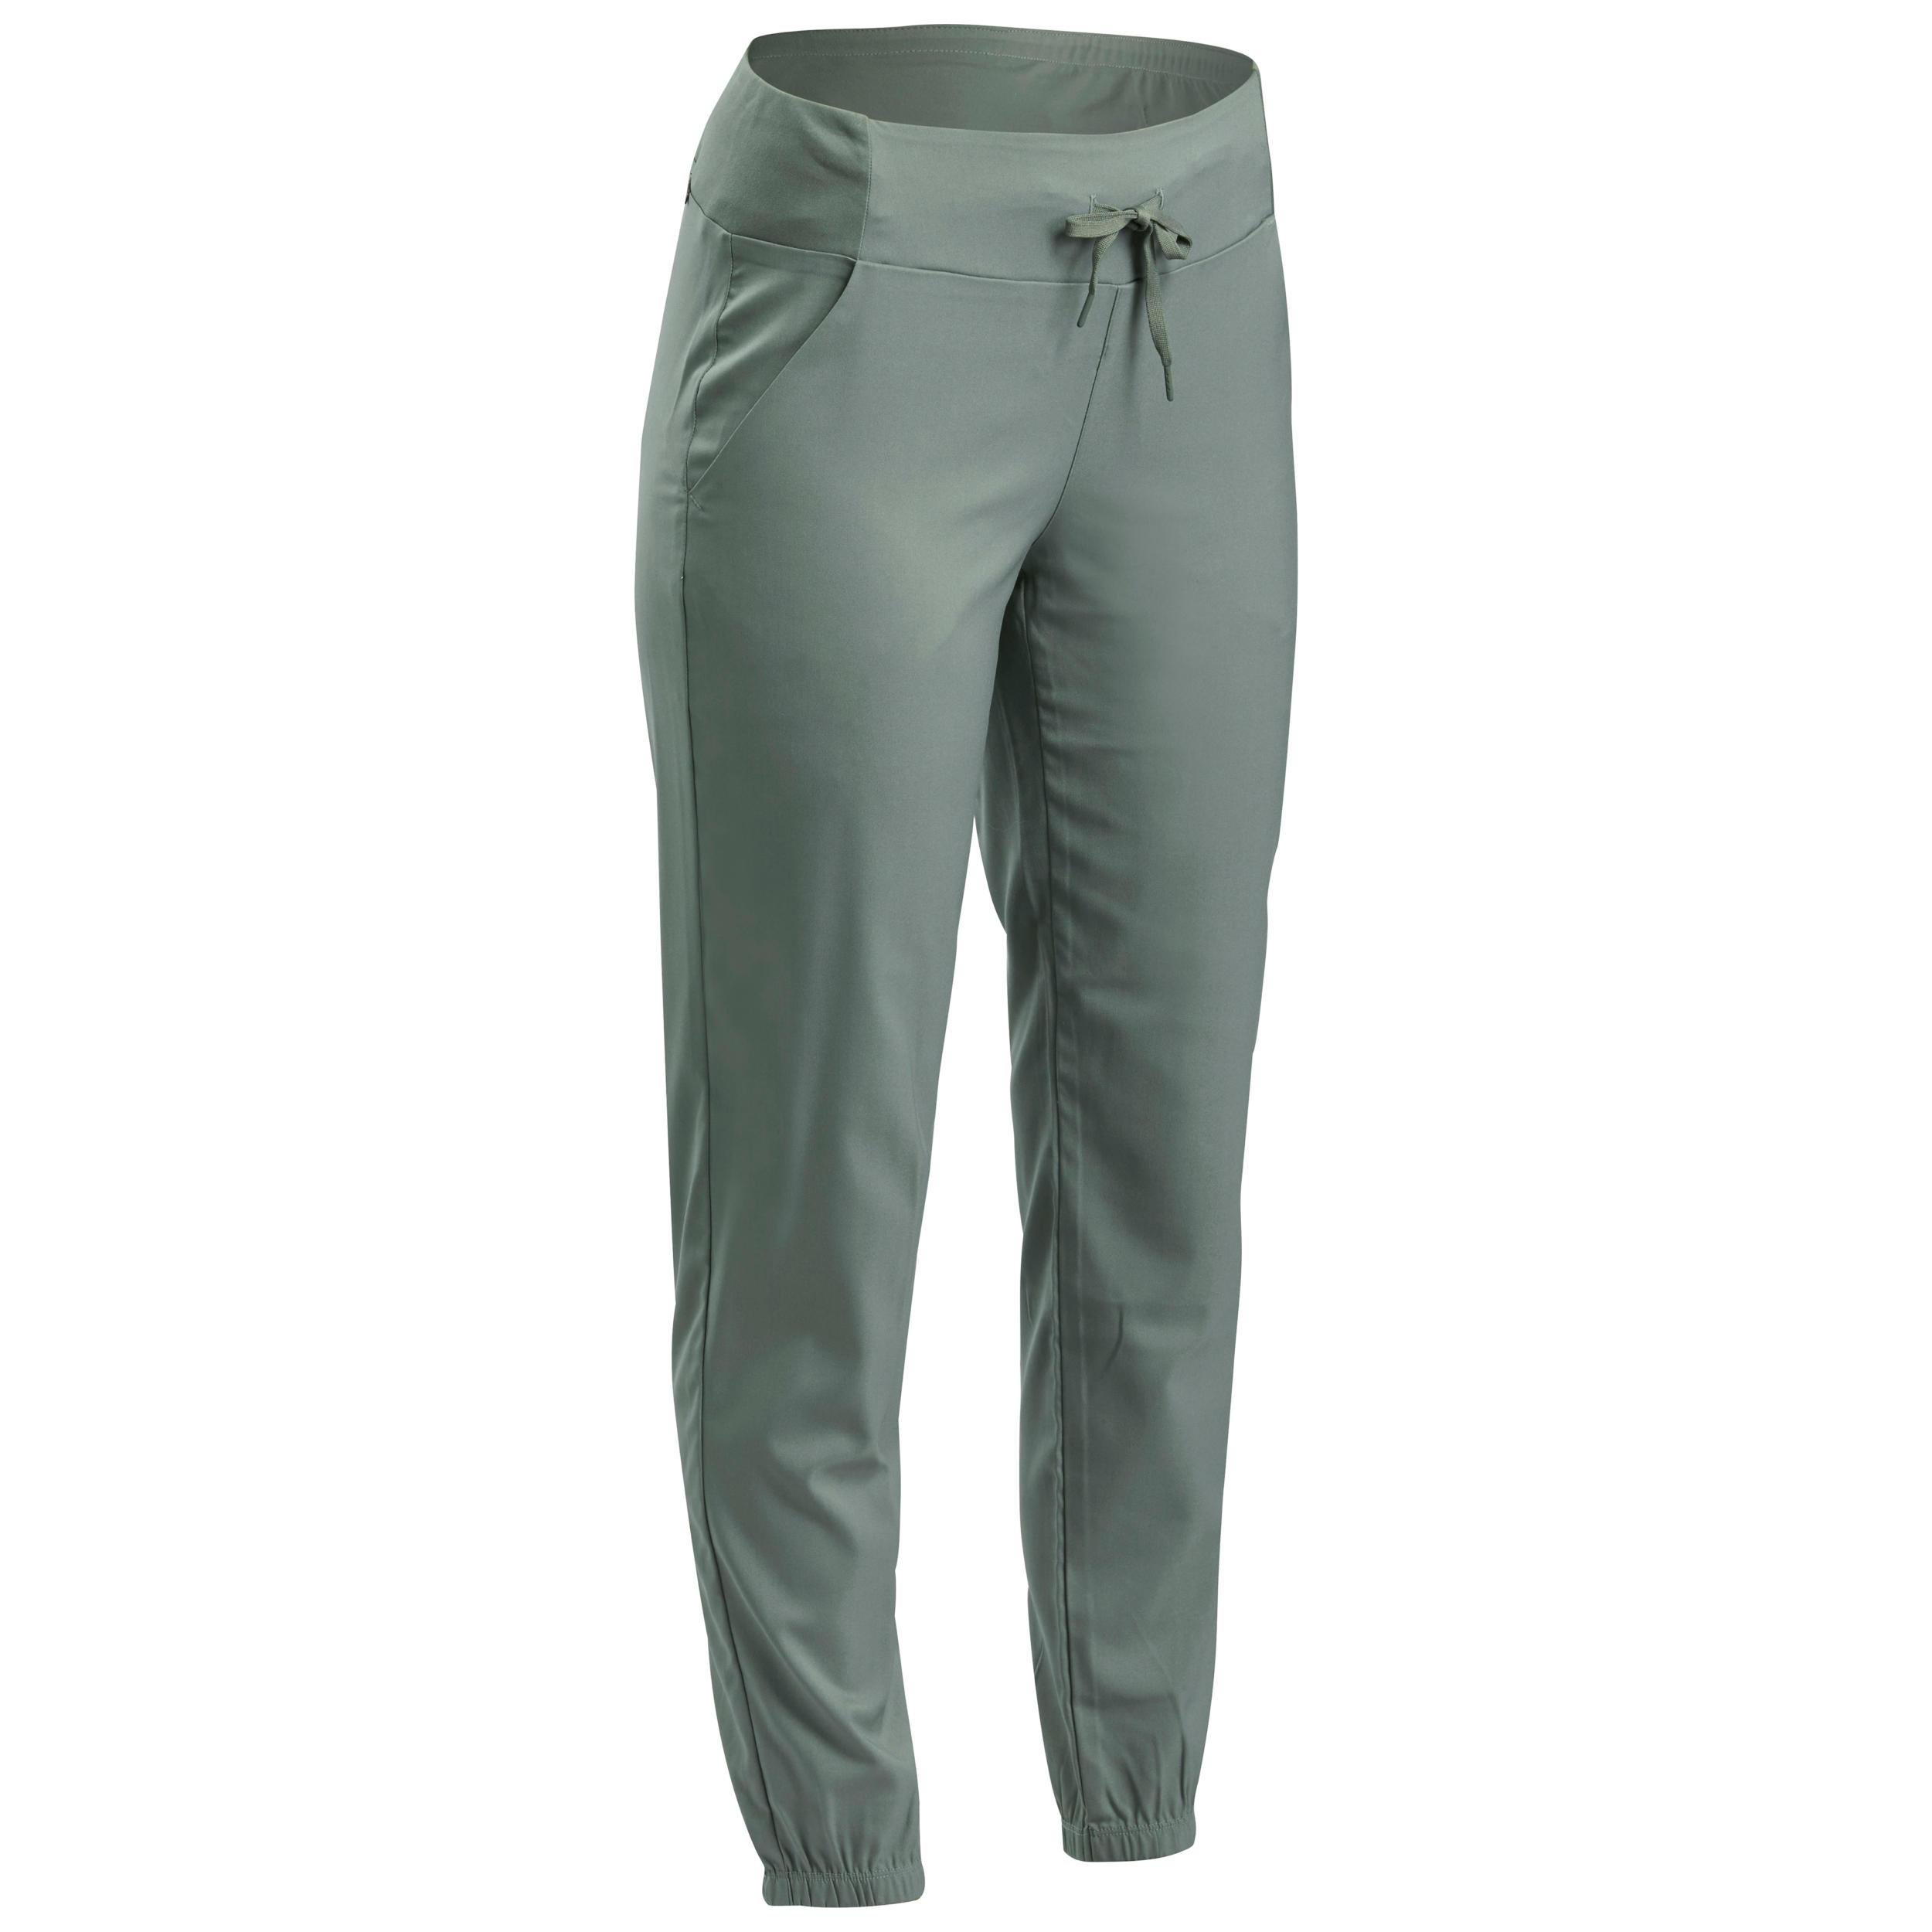 Pantalon NH100 Kaki damă la Reducere poza